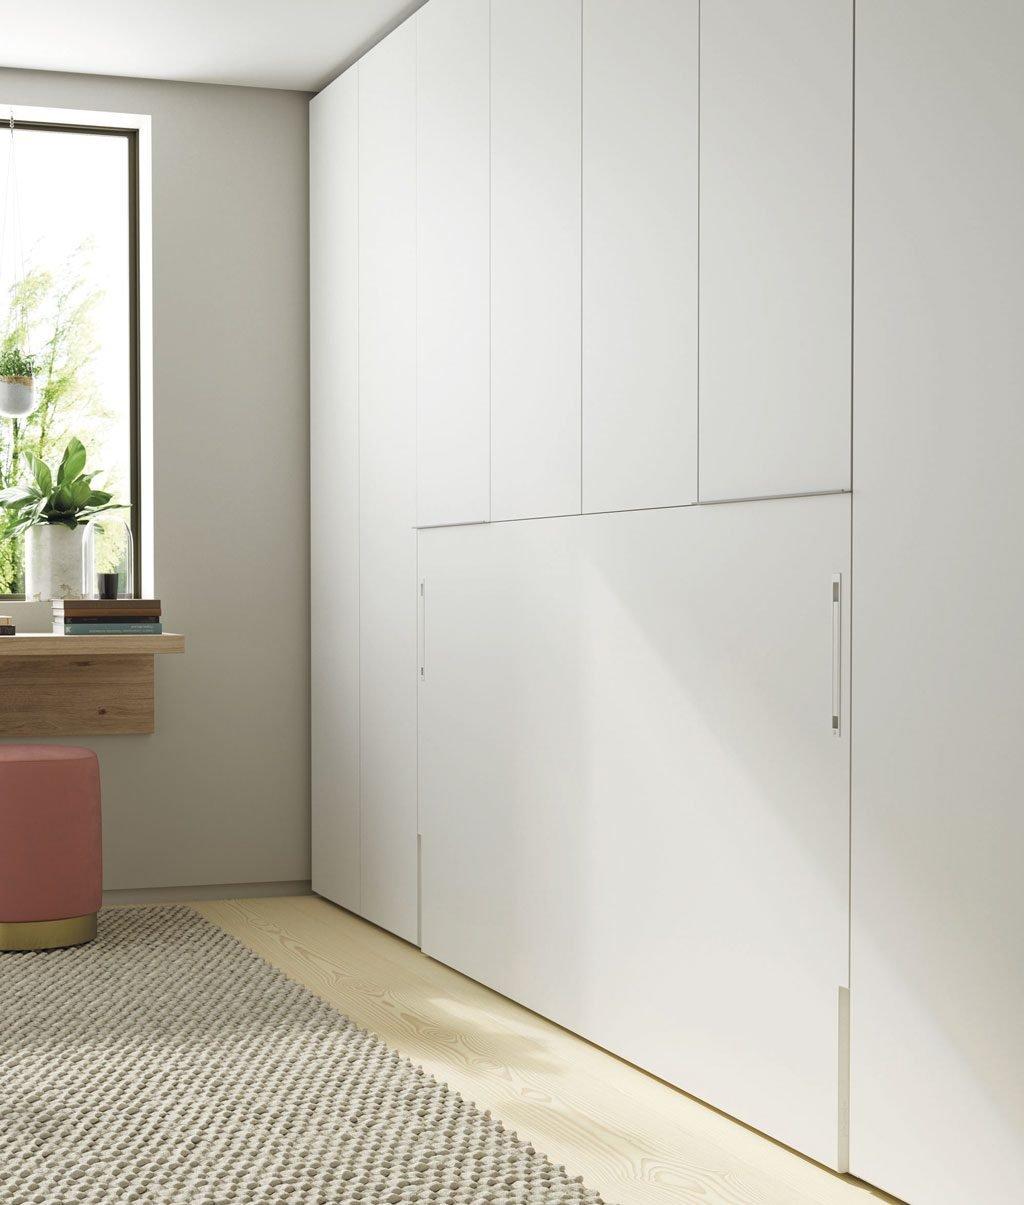 Cama abatible integrada con los armarios laterales y superior